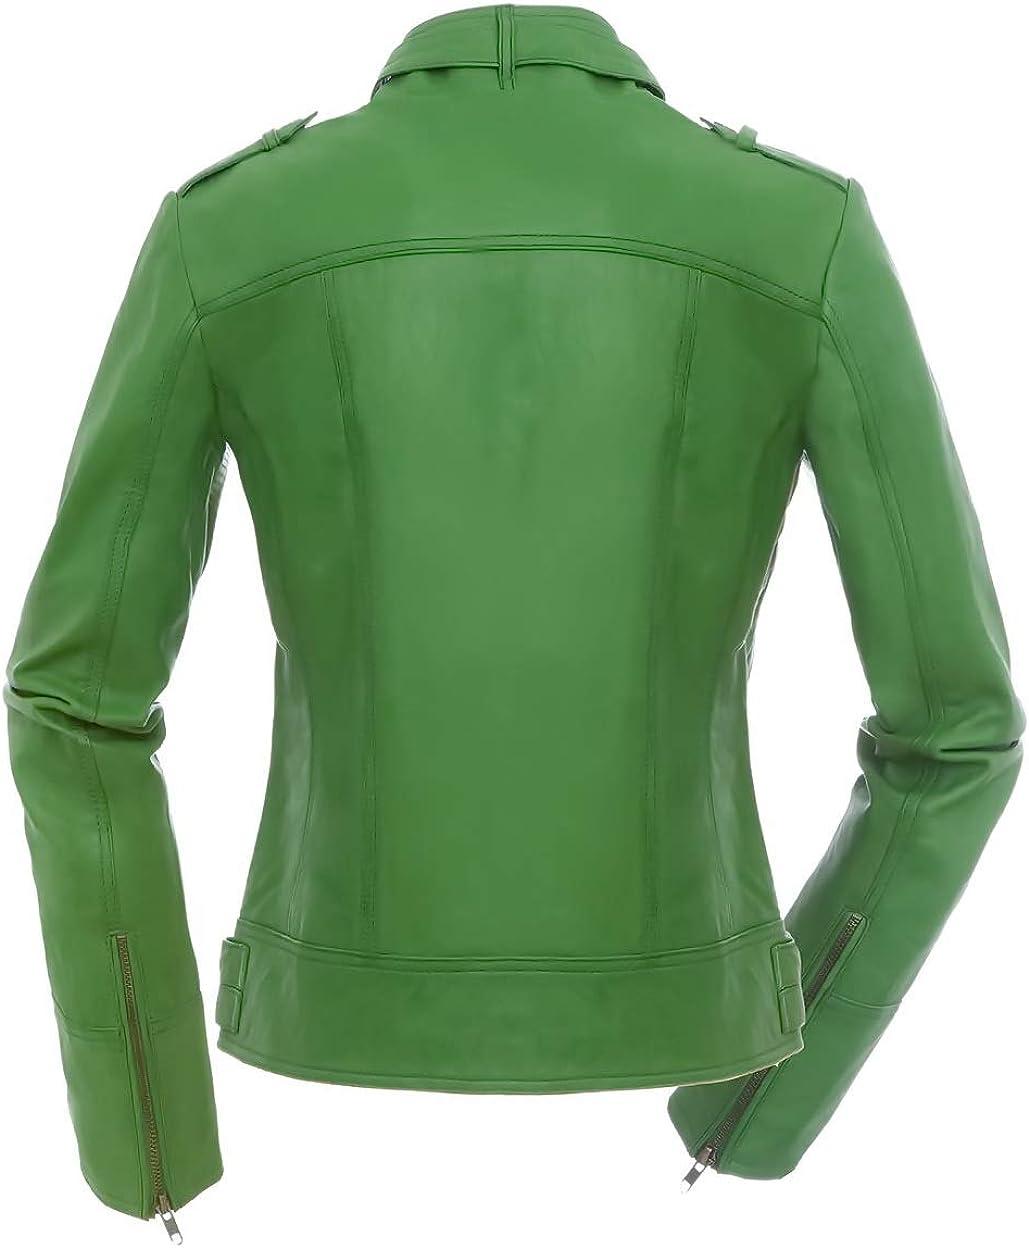 /Veste en cuir style biker pour femme tailles XS-XXL vert Magnifica Valery/